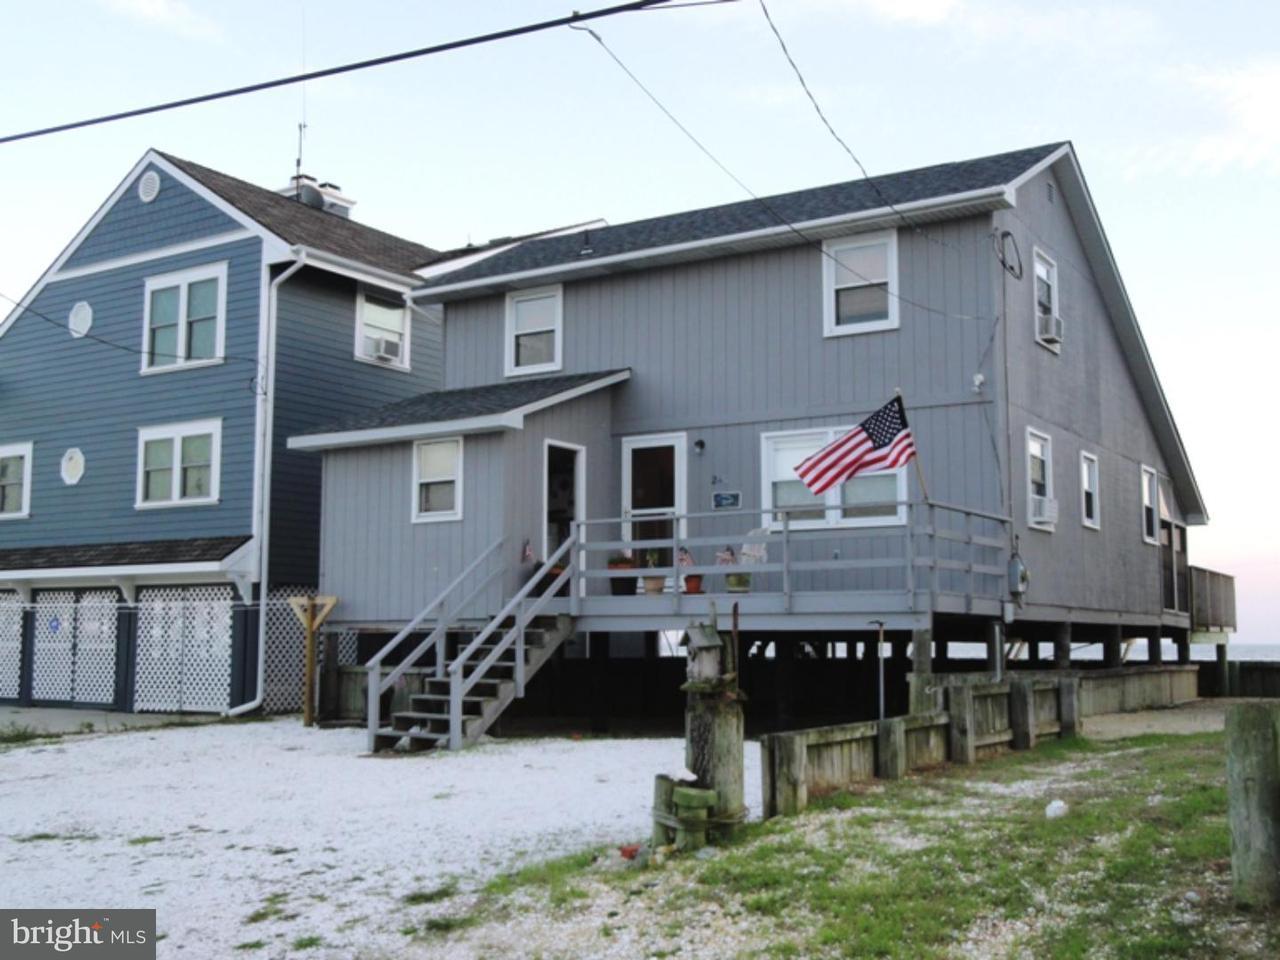 Частный односемейный дом для того Продажа на 246 COVE Road Newport, Нью-Джерси 08345 Соединенные Штаты